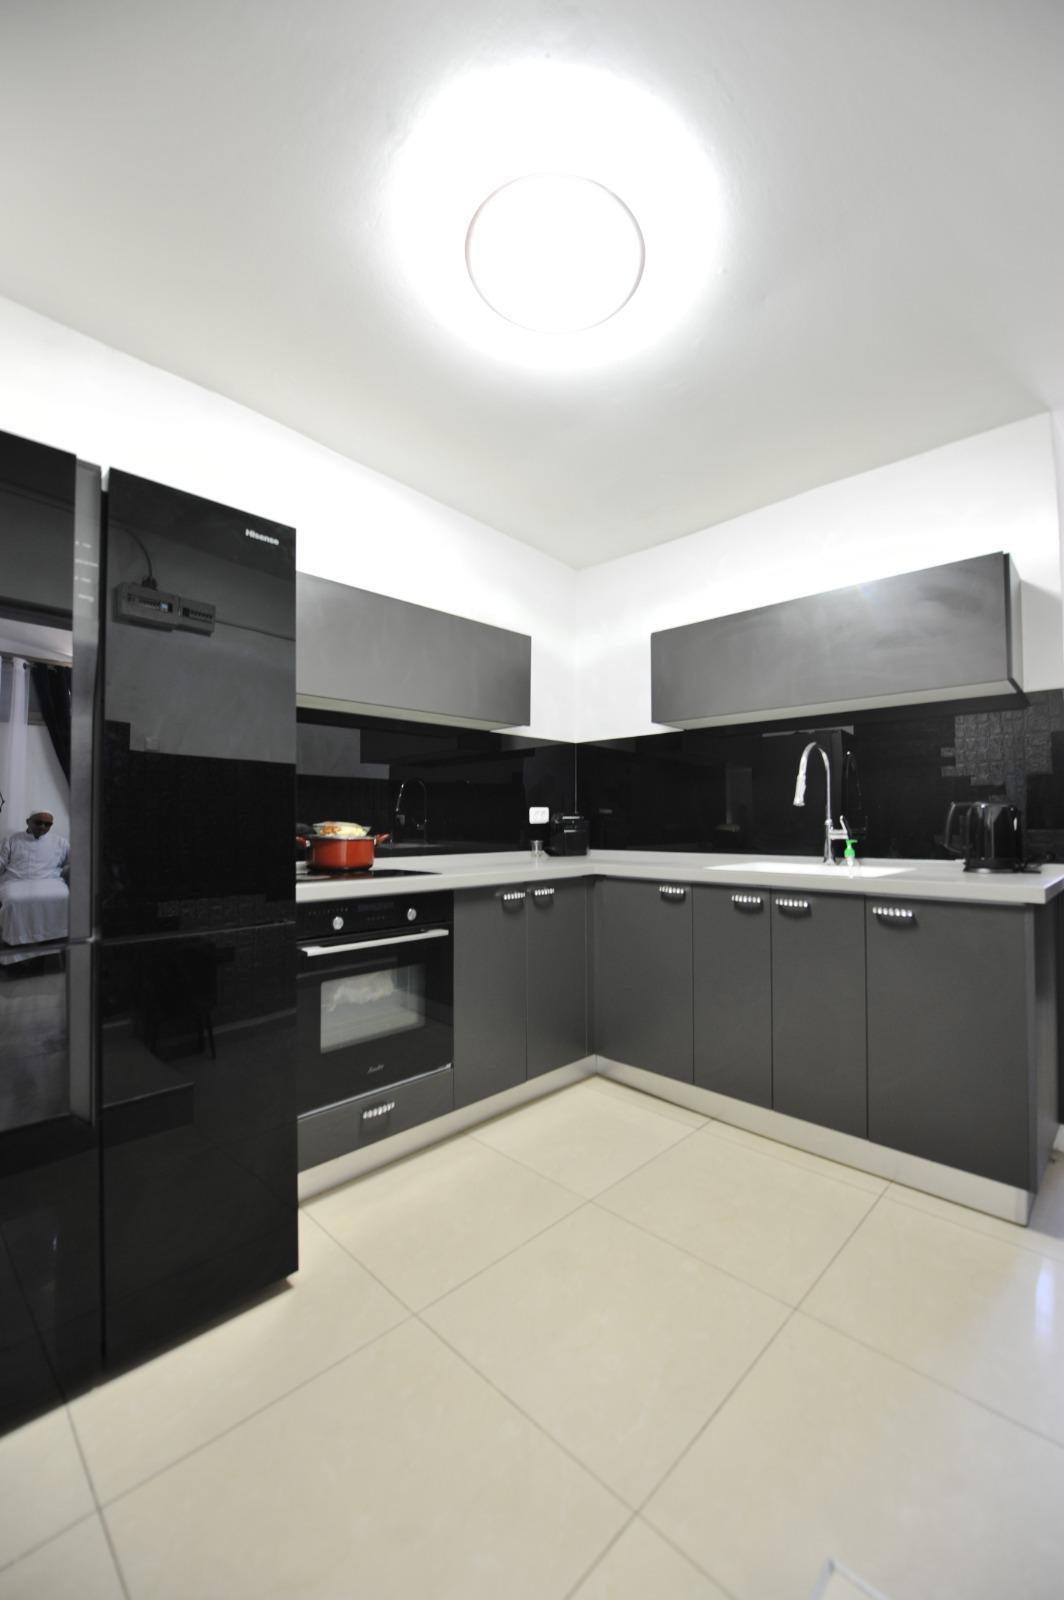 يشمل وحدتين سكنيتين - بيت للبيع في مدينة يافا